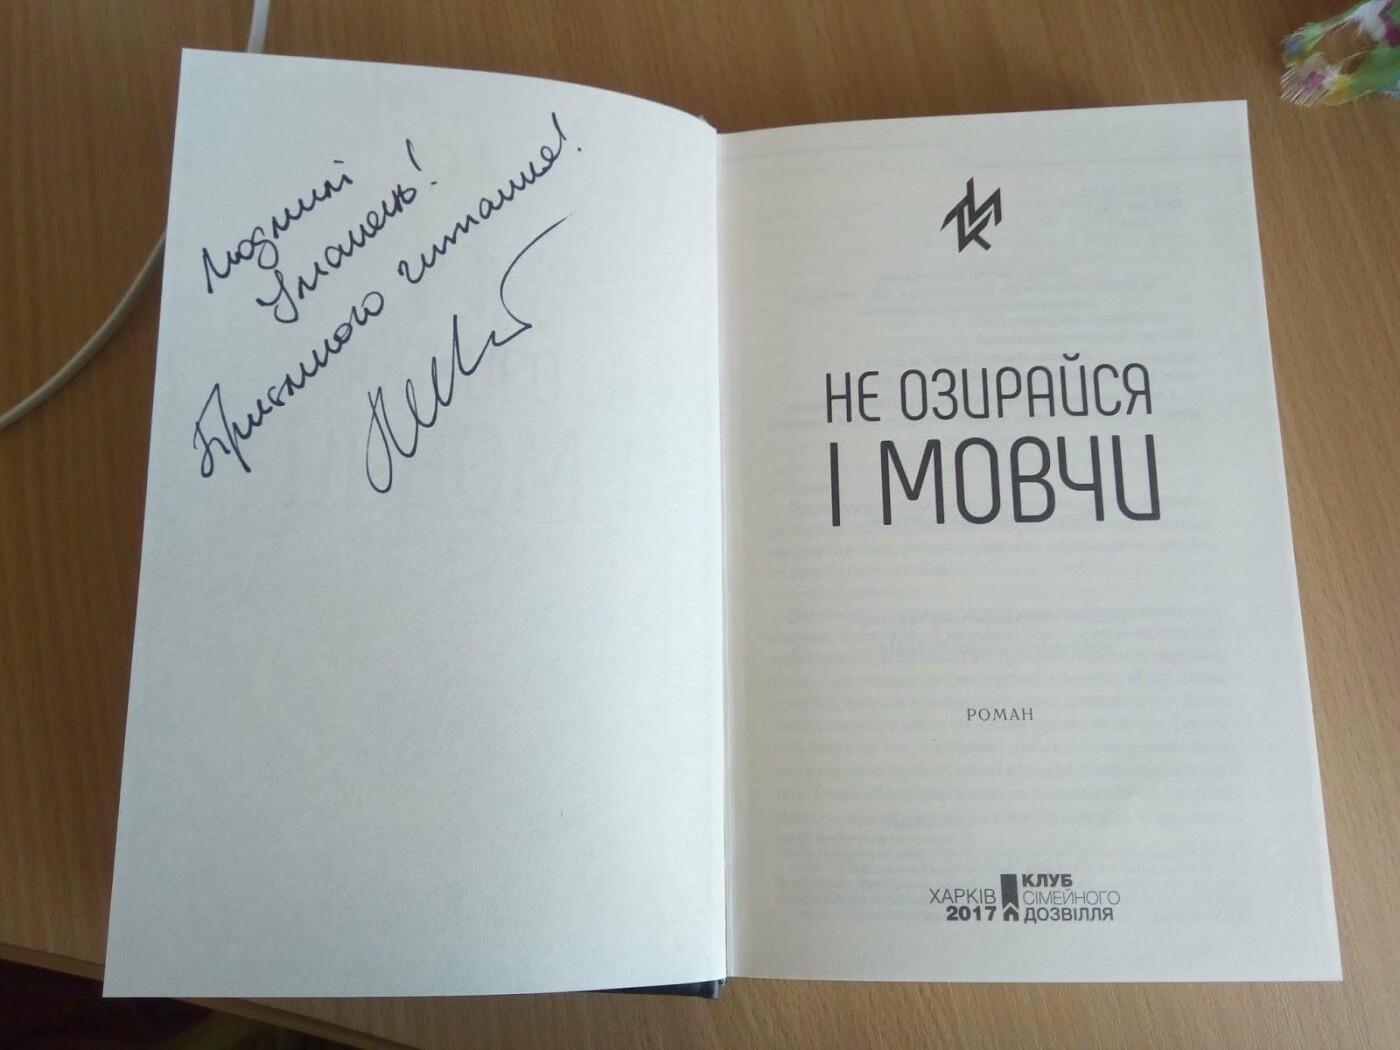 """В Николаеве известный писатель Макс Кидрук представит мистический роман """"Не озирайся і мовчи"""", фото-2"""